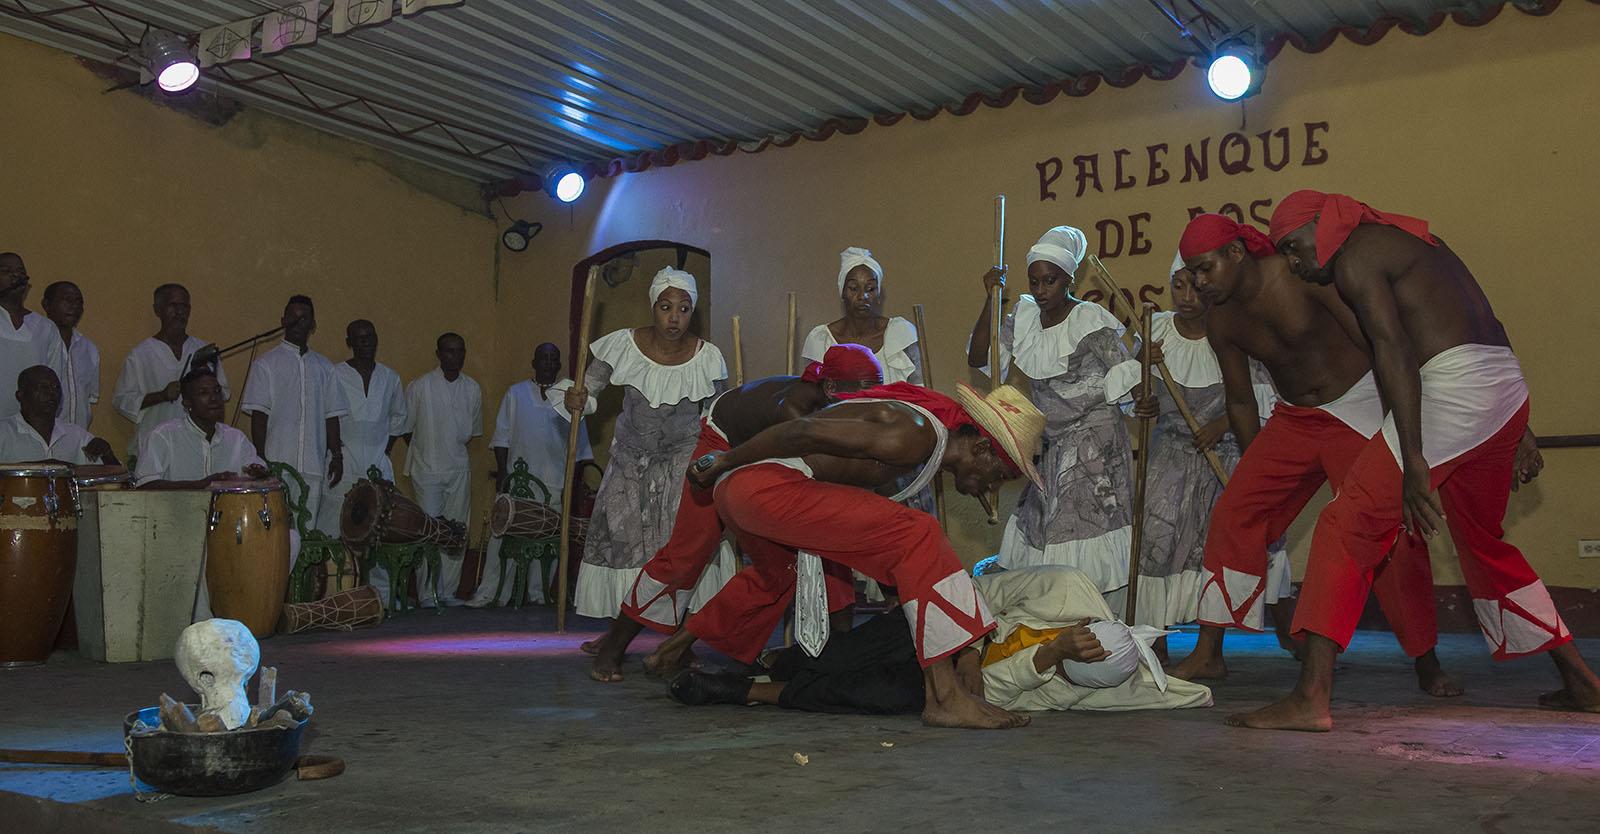 Trinidad, Cultura, Bailes, Tradiciones, Religión afrocubana